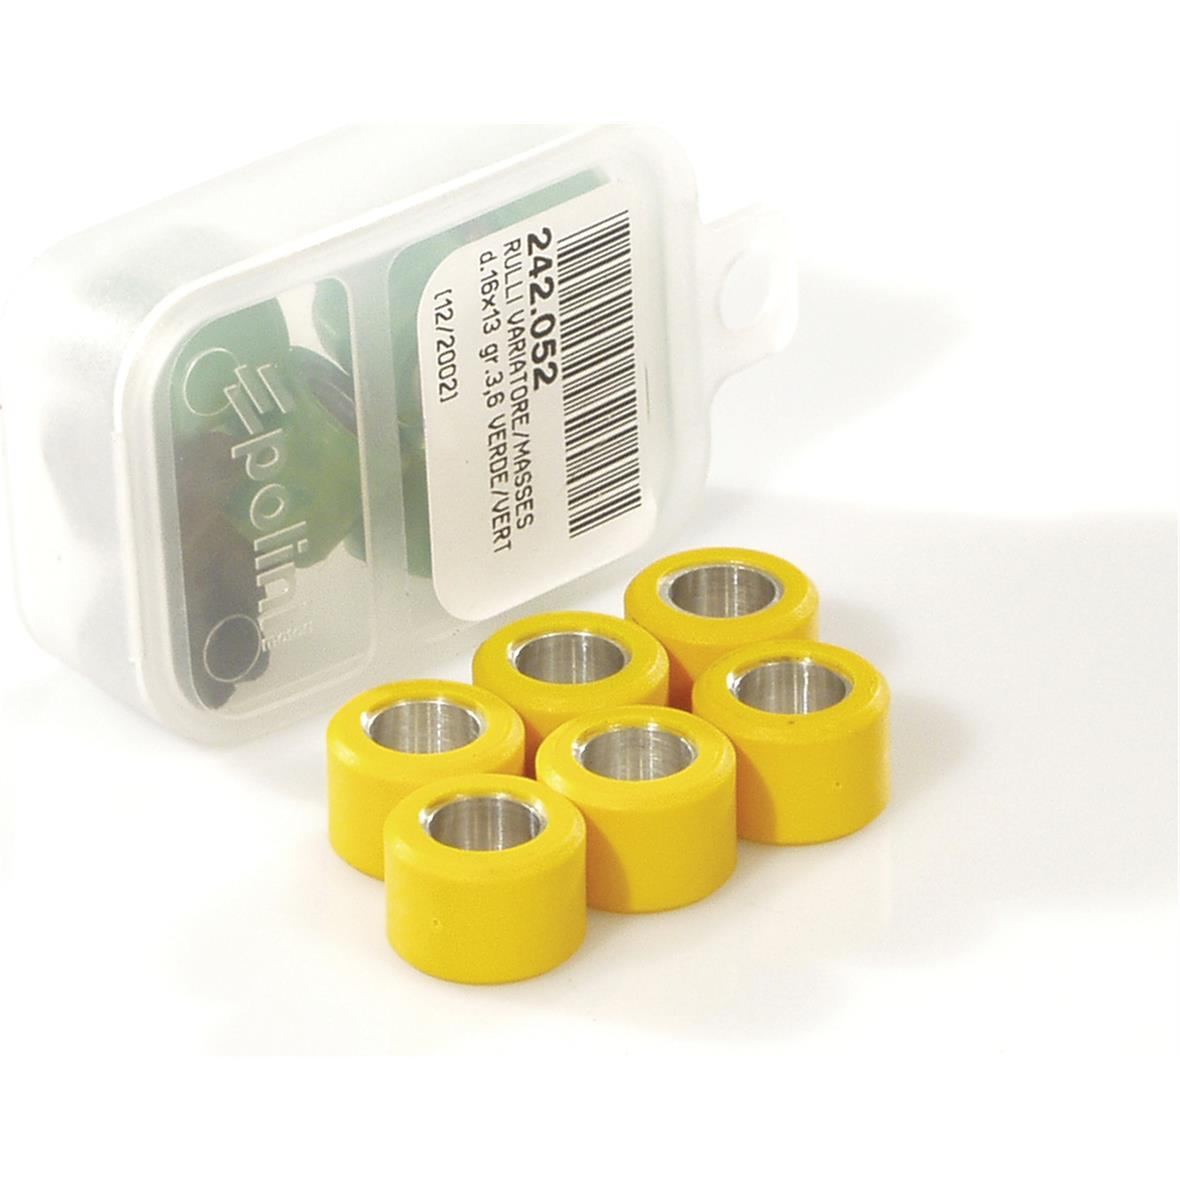 Productafbeelding voor 'Variateur Rollen POLINI 15x12 mm 4,7 gramTitle'